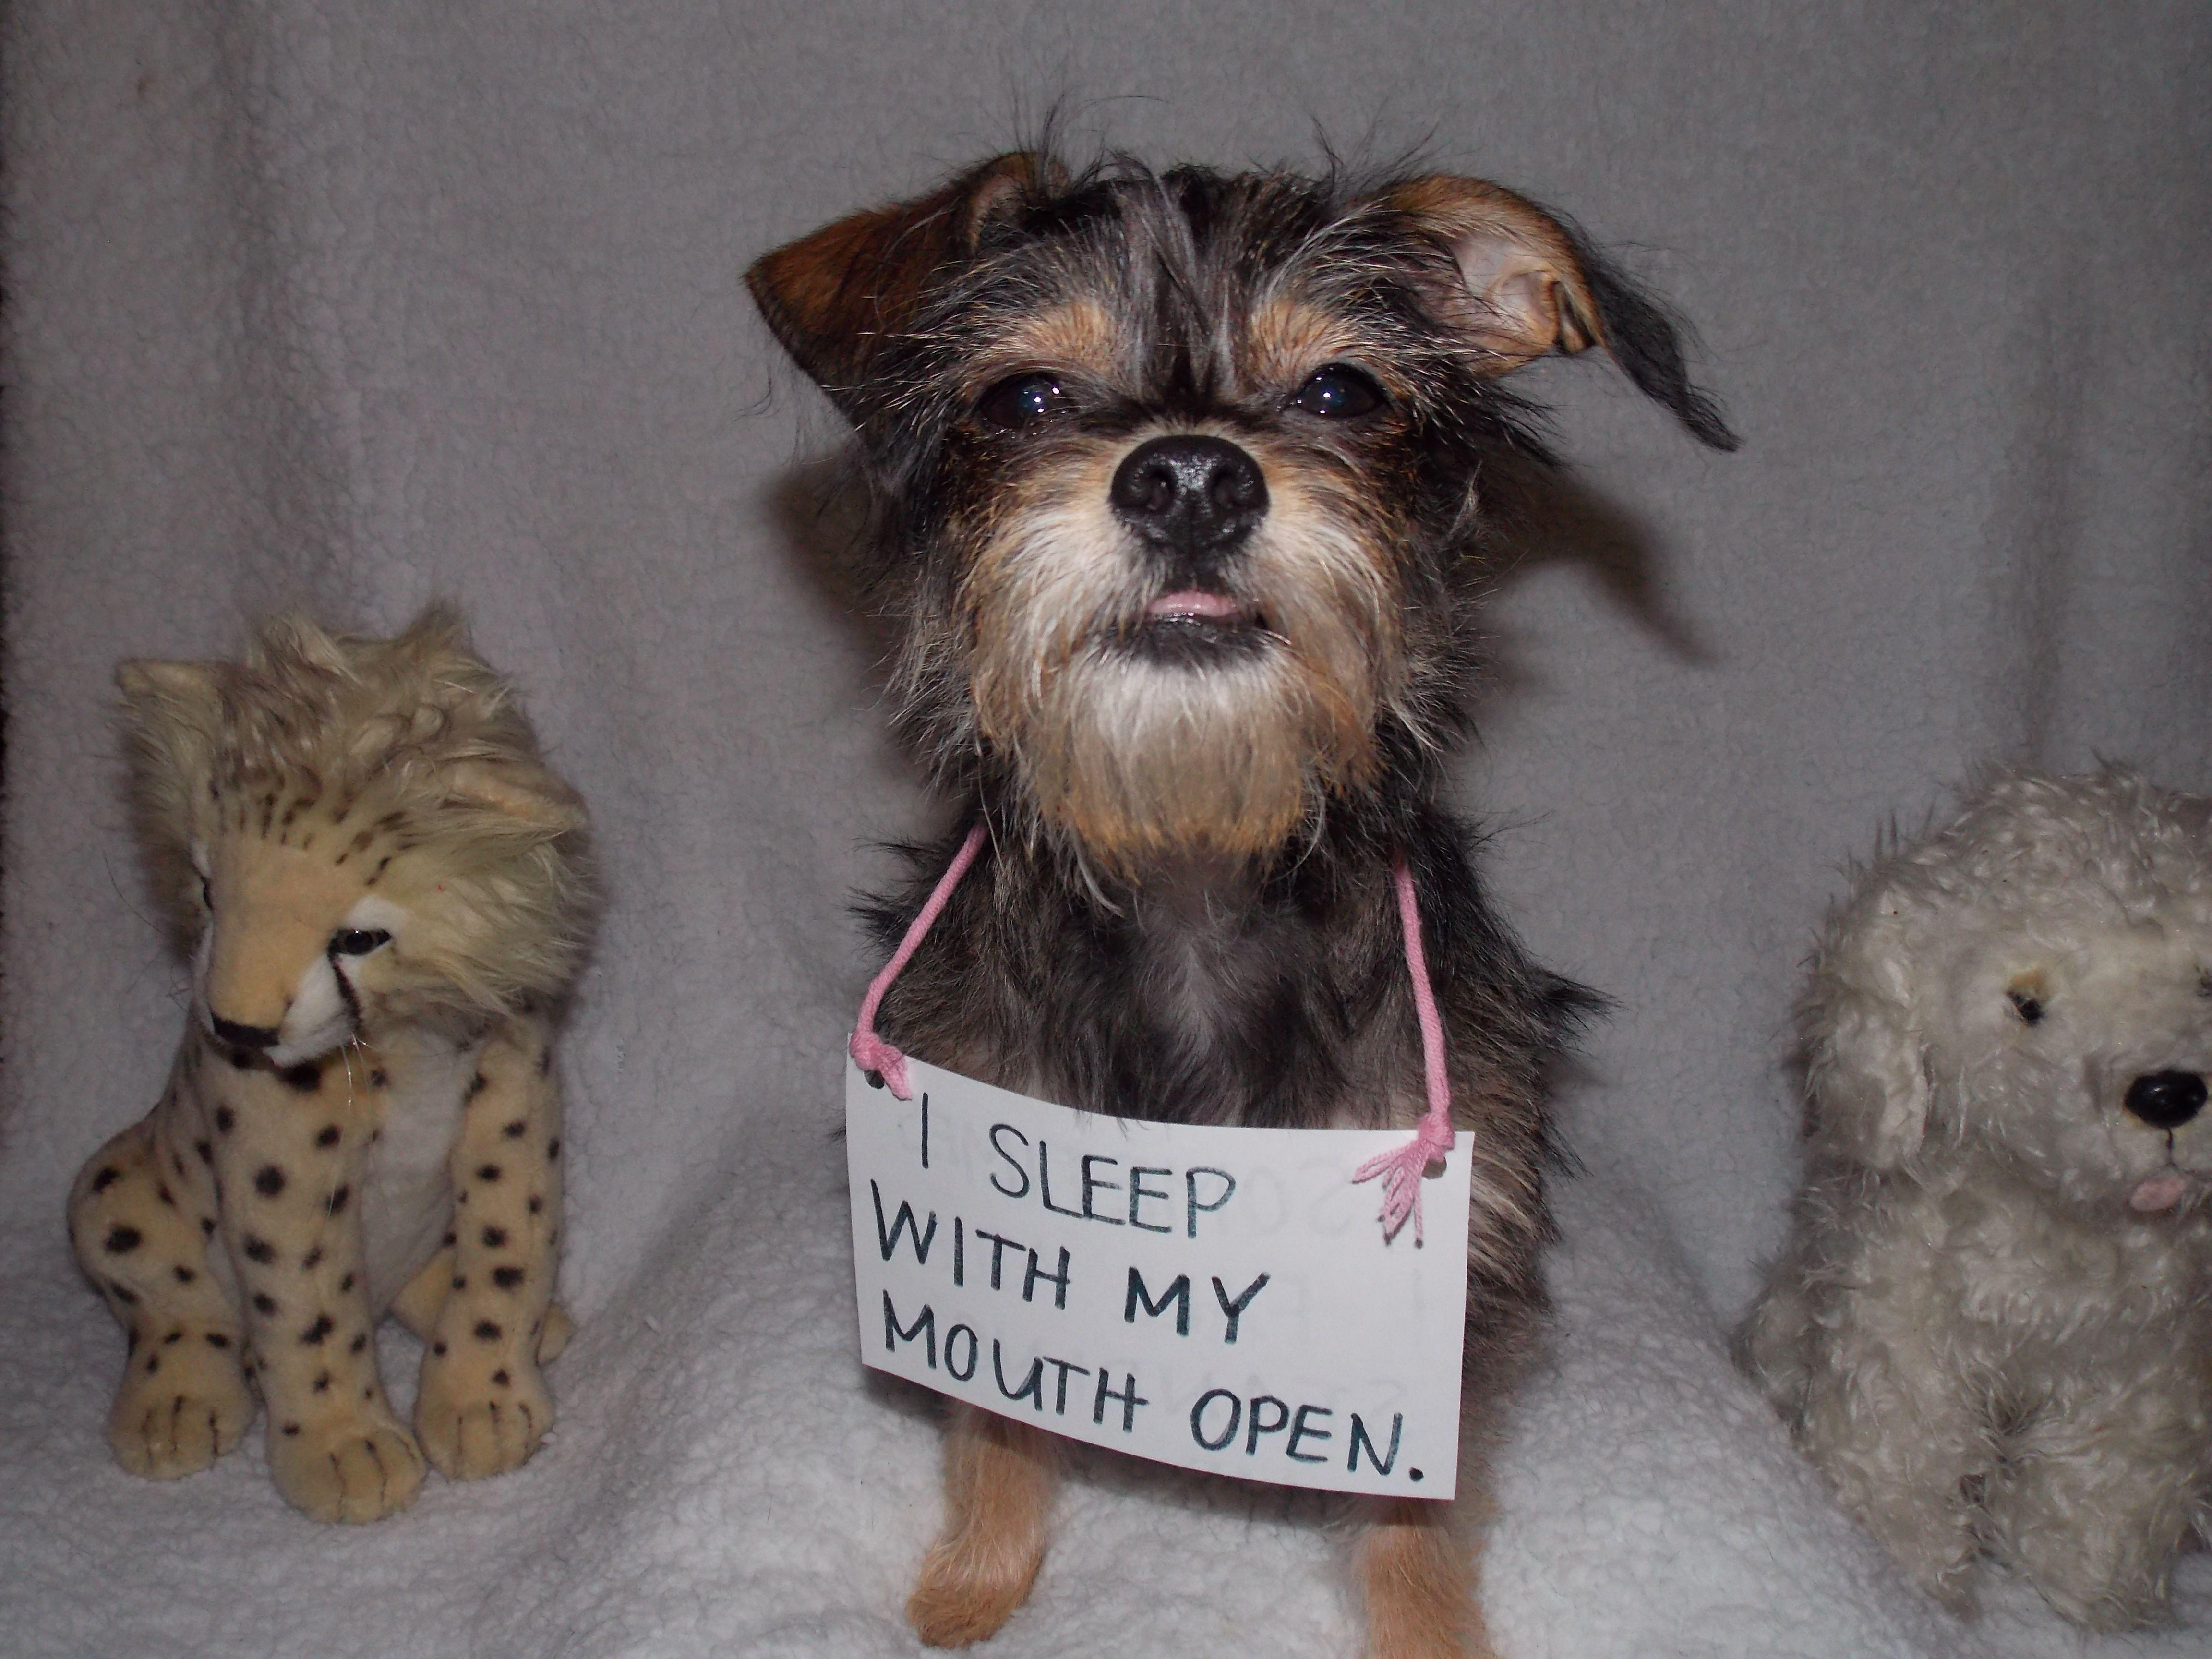 Dog shaming lol